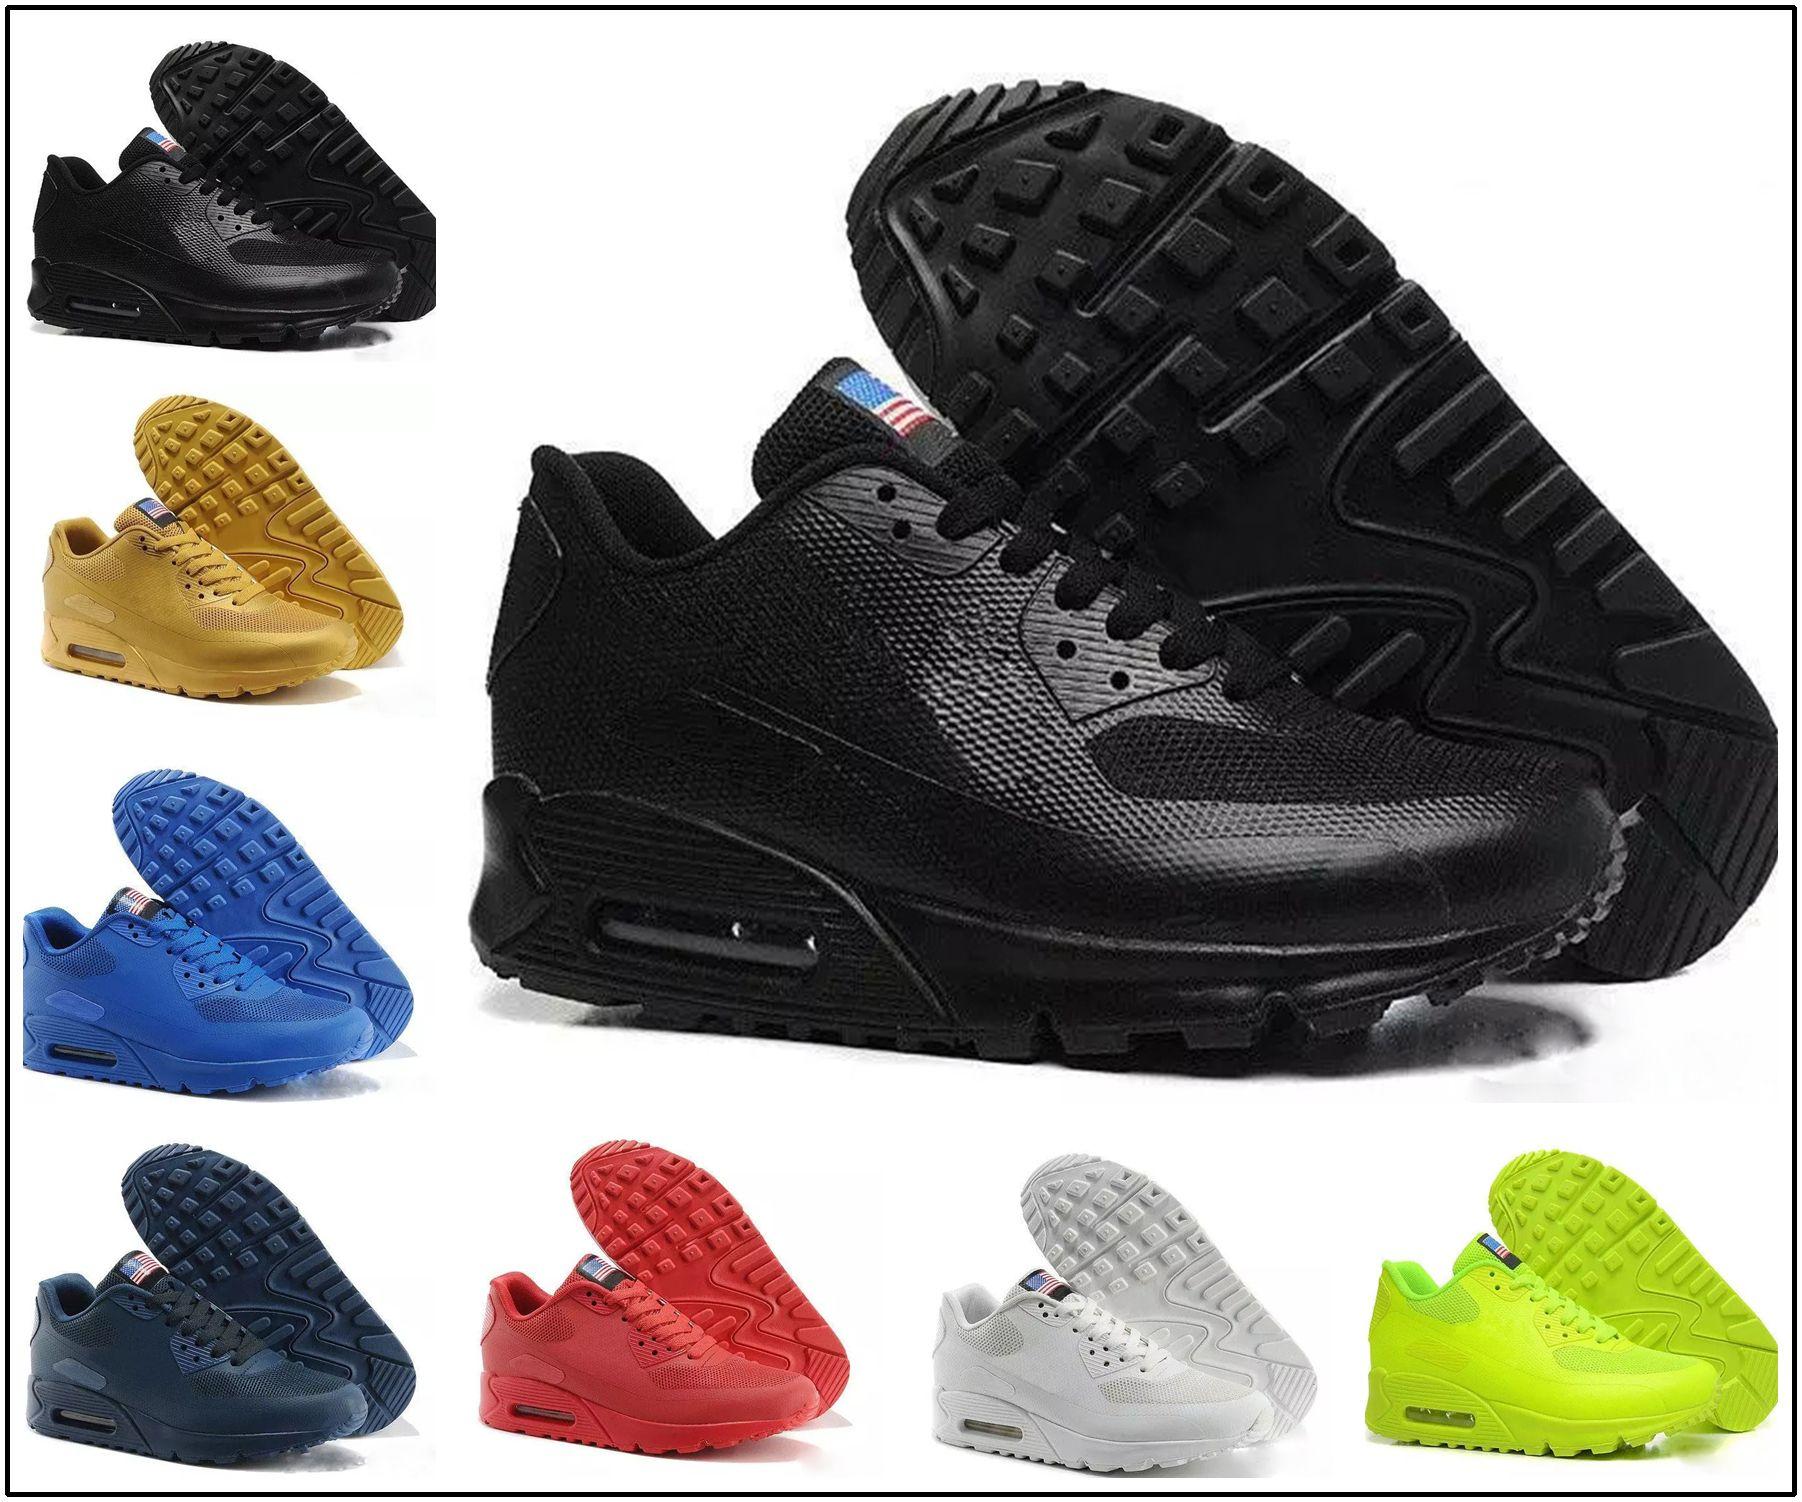 finest selection 42030 ffb1e Acheter Nike Air Max 90 HYP PRM QS Nike Air Max Airmax 90 2018 Alr 90 HYP  PRM QS Hommes Femmes Chaussures De Course Alr Drapeau Américain Des Années  90 Noir ...